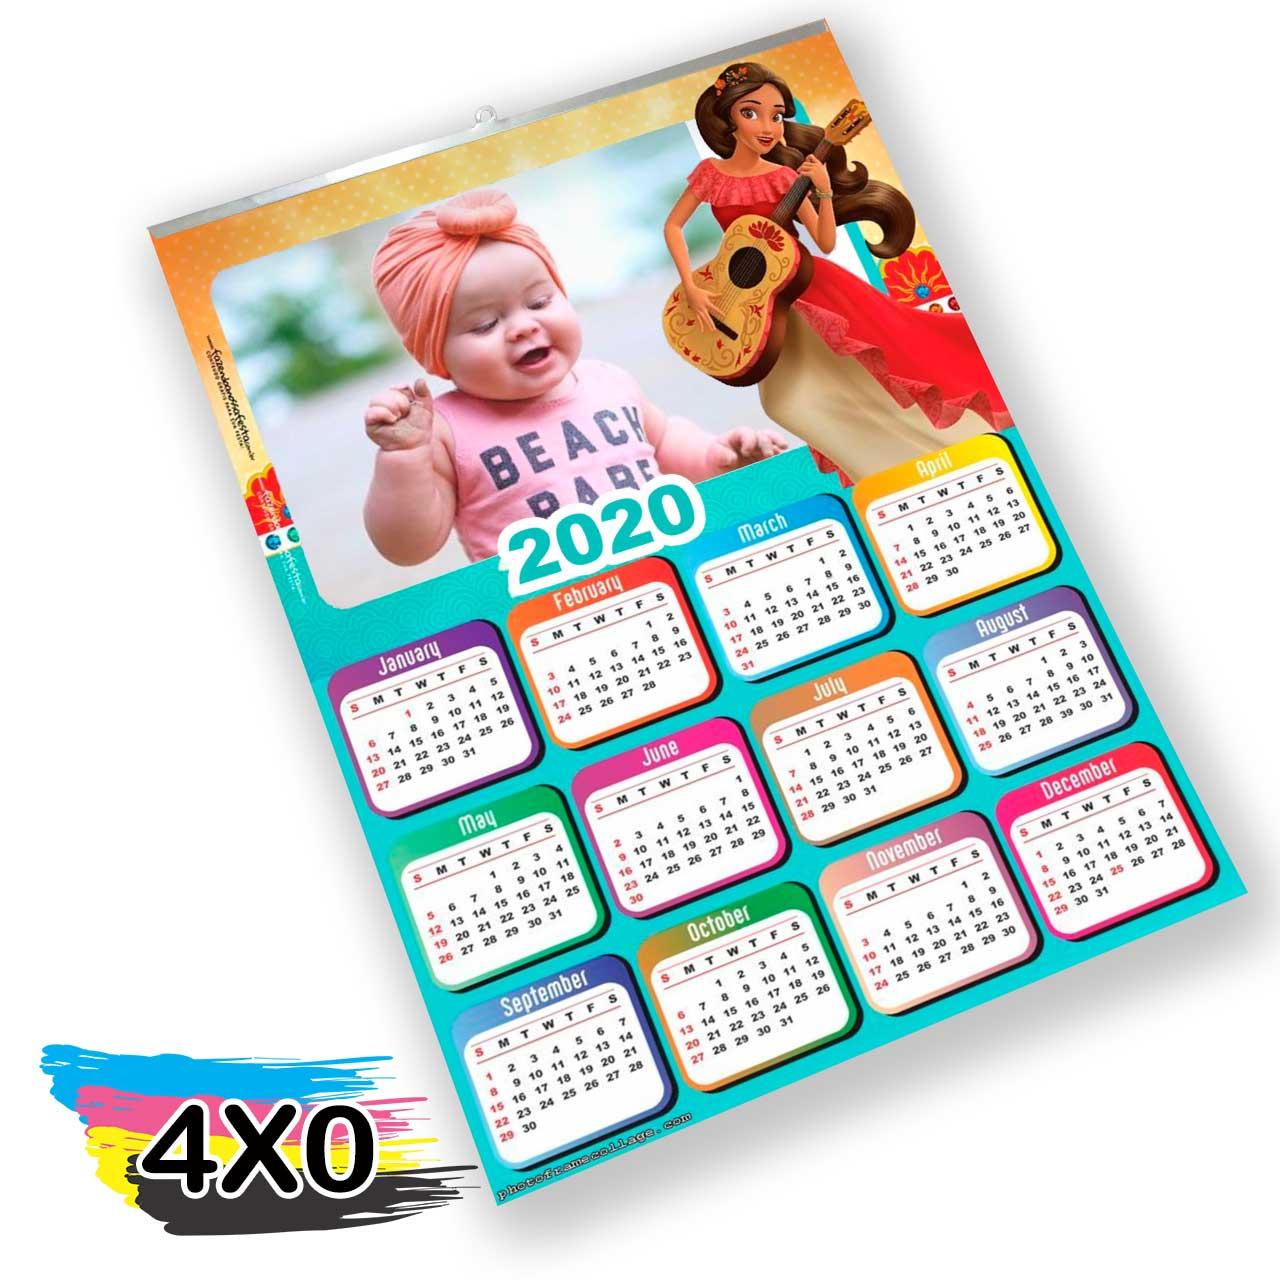 Folhinha-de-Calendario-009